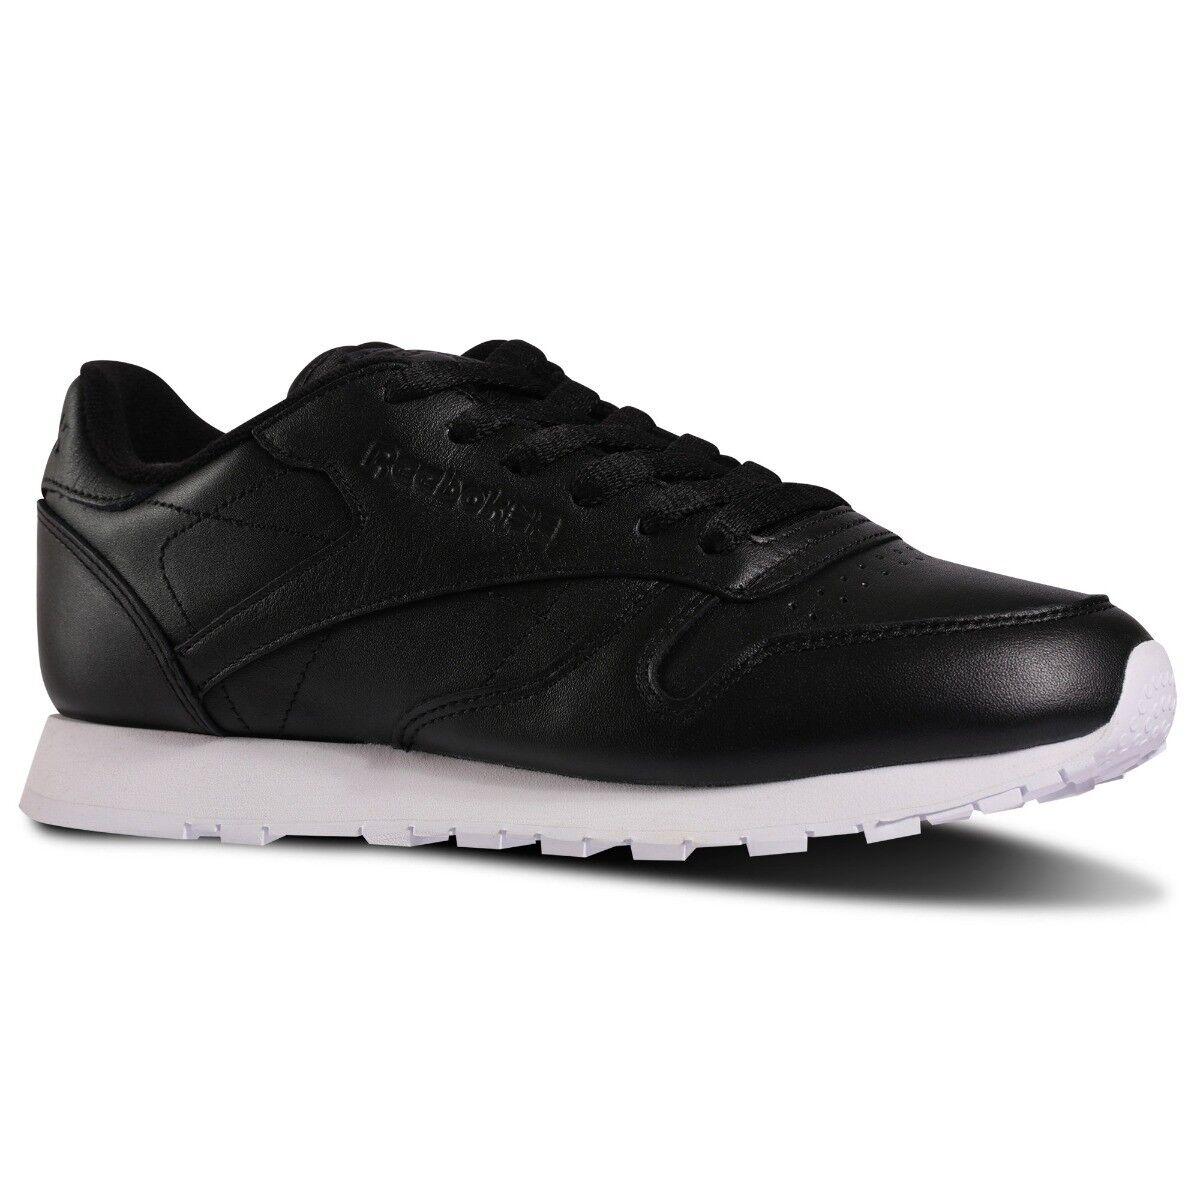 Zapatos promocionales para hombres y mujeres Reebok Clásico Mujer Running Zapatillas número 5 Blanco y negro NUEVO